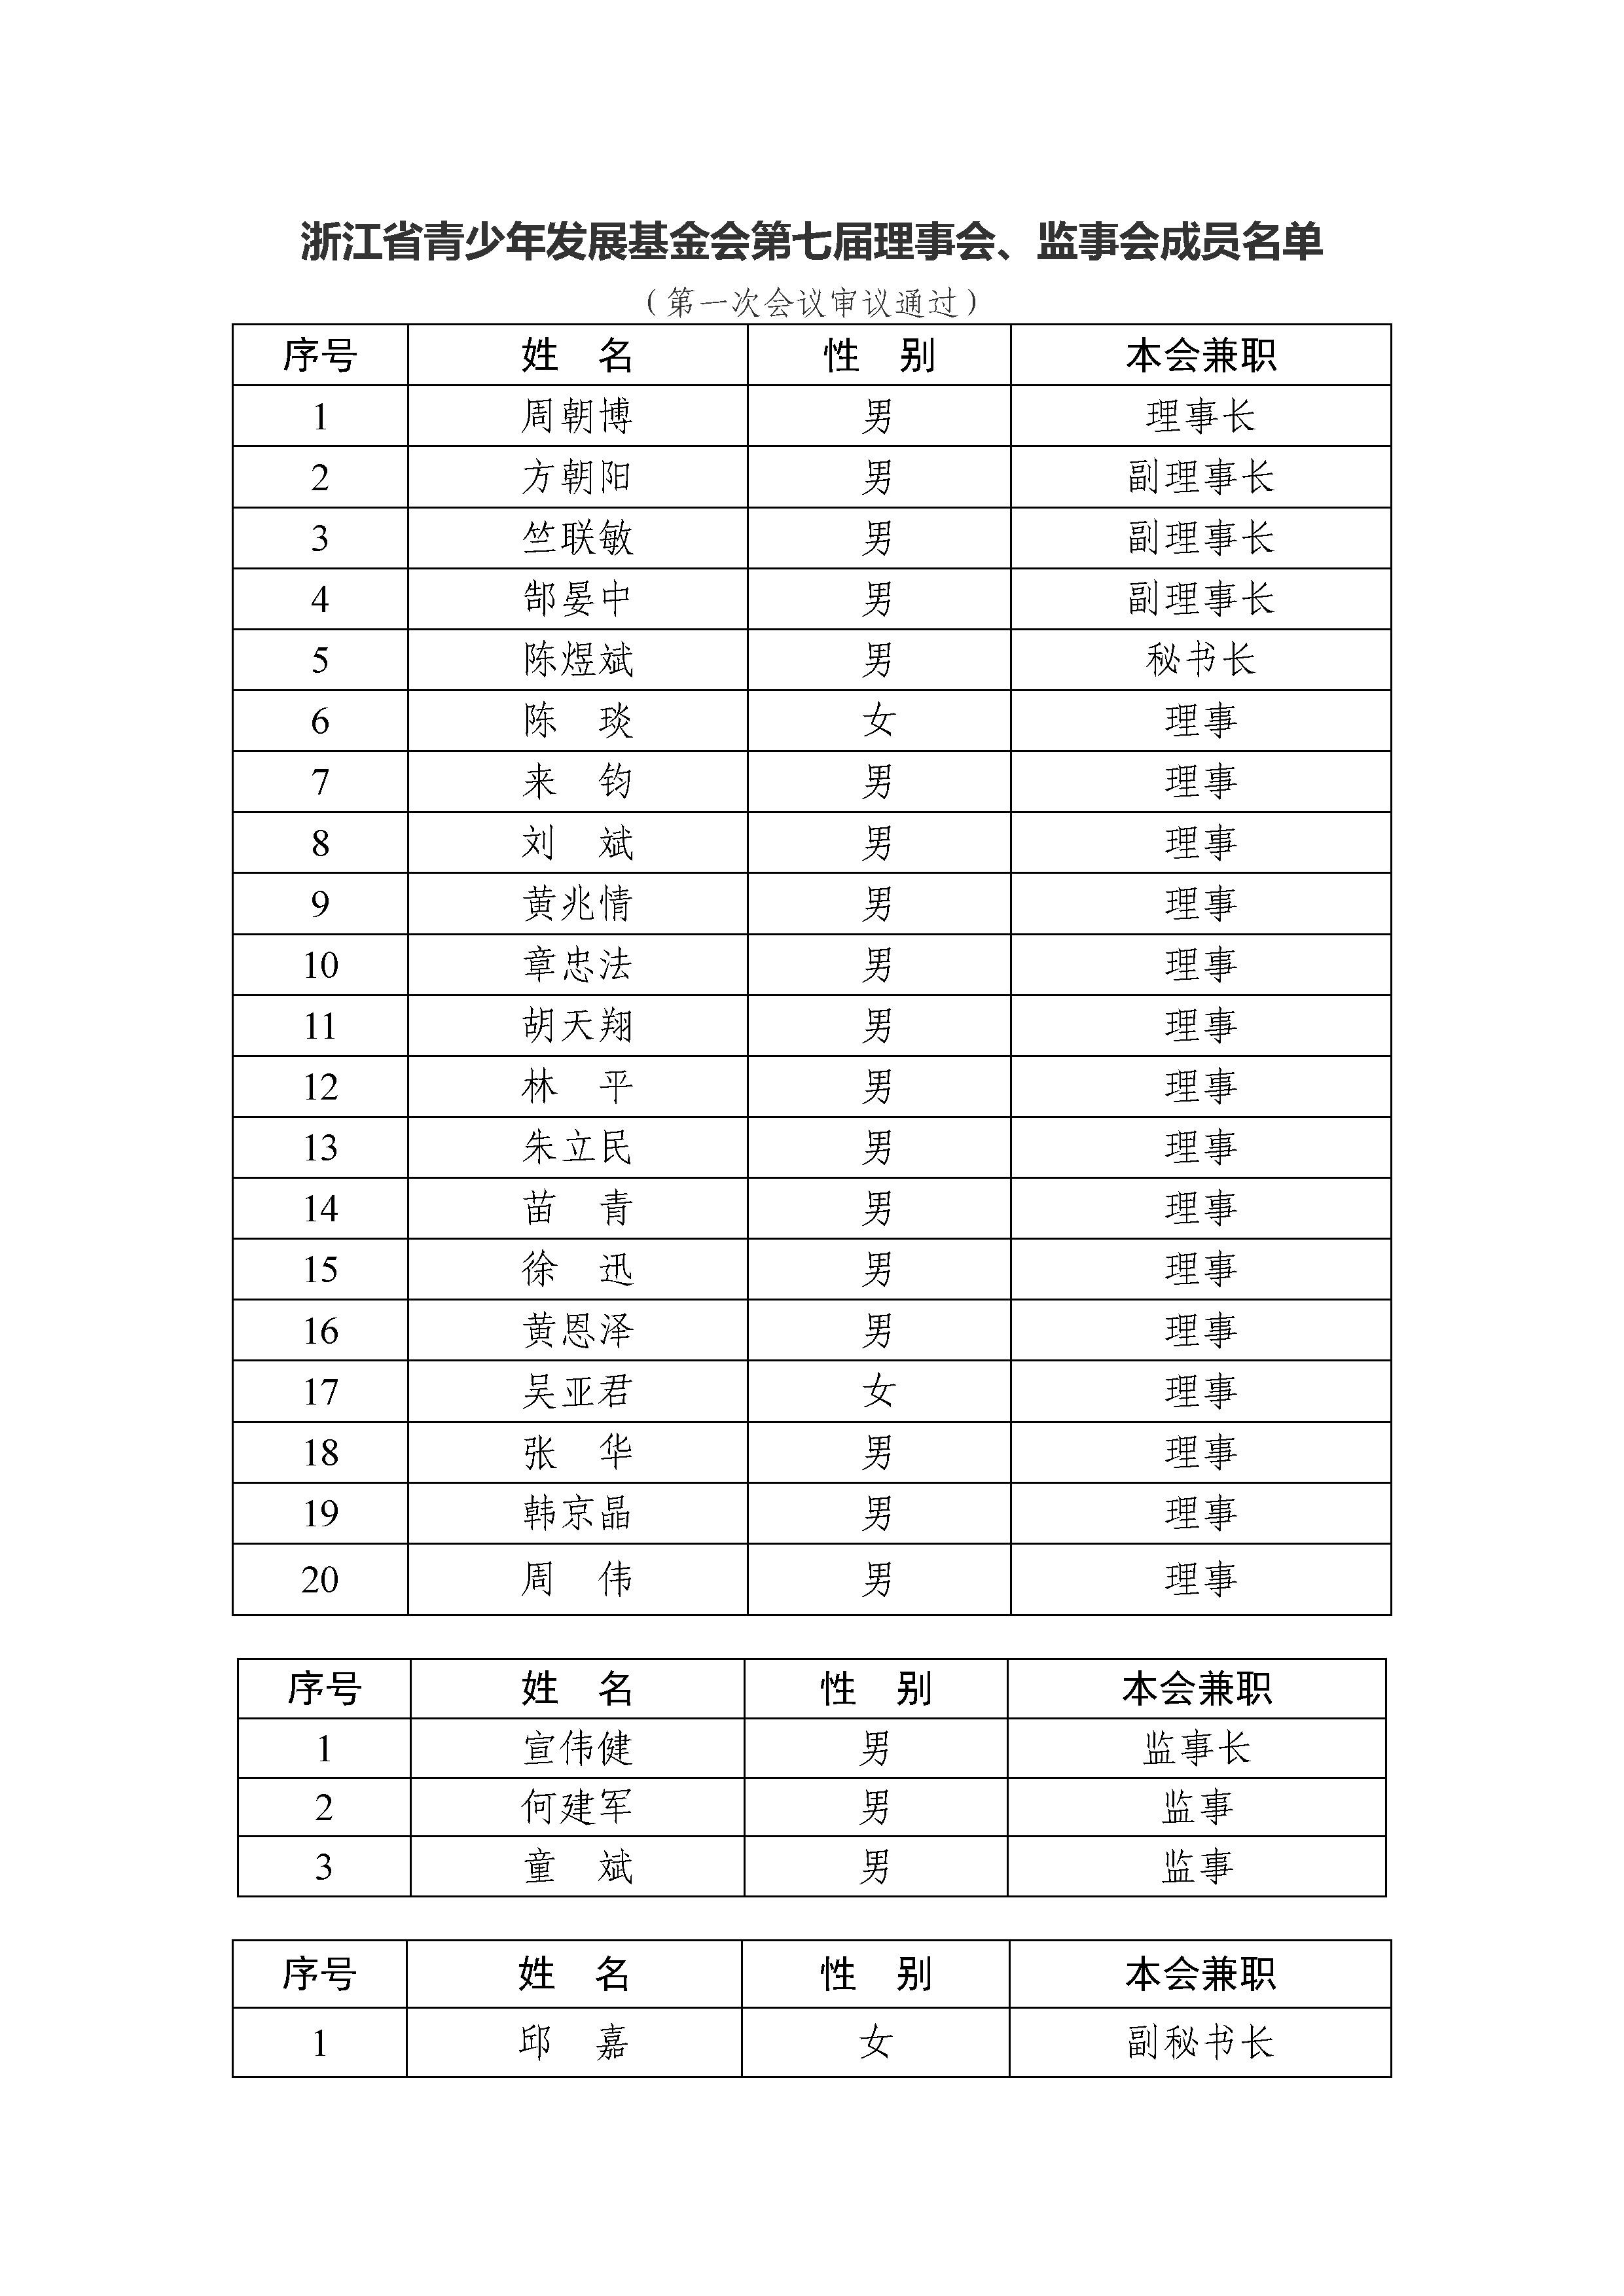 浙江省青少年发展基金会第七届理事会、监事会成员名单.jpg